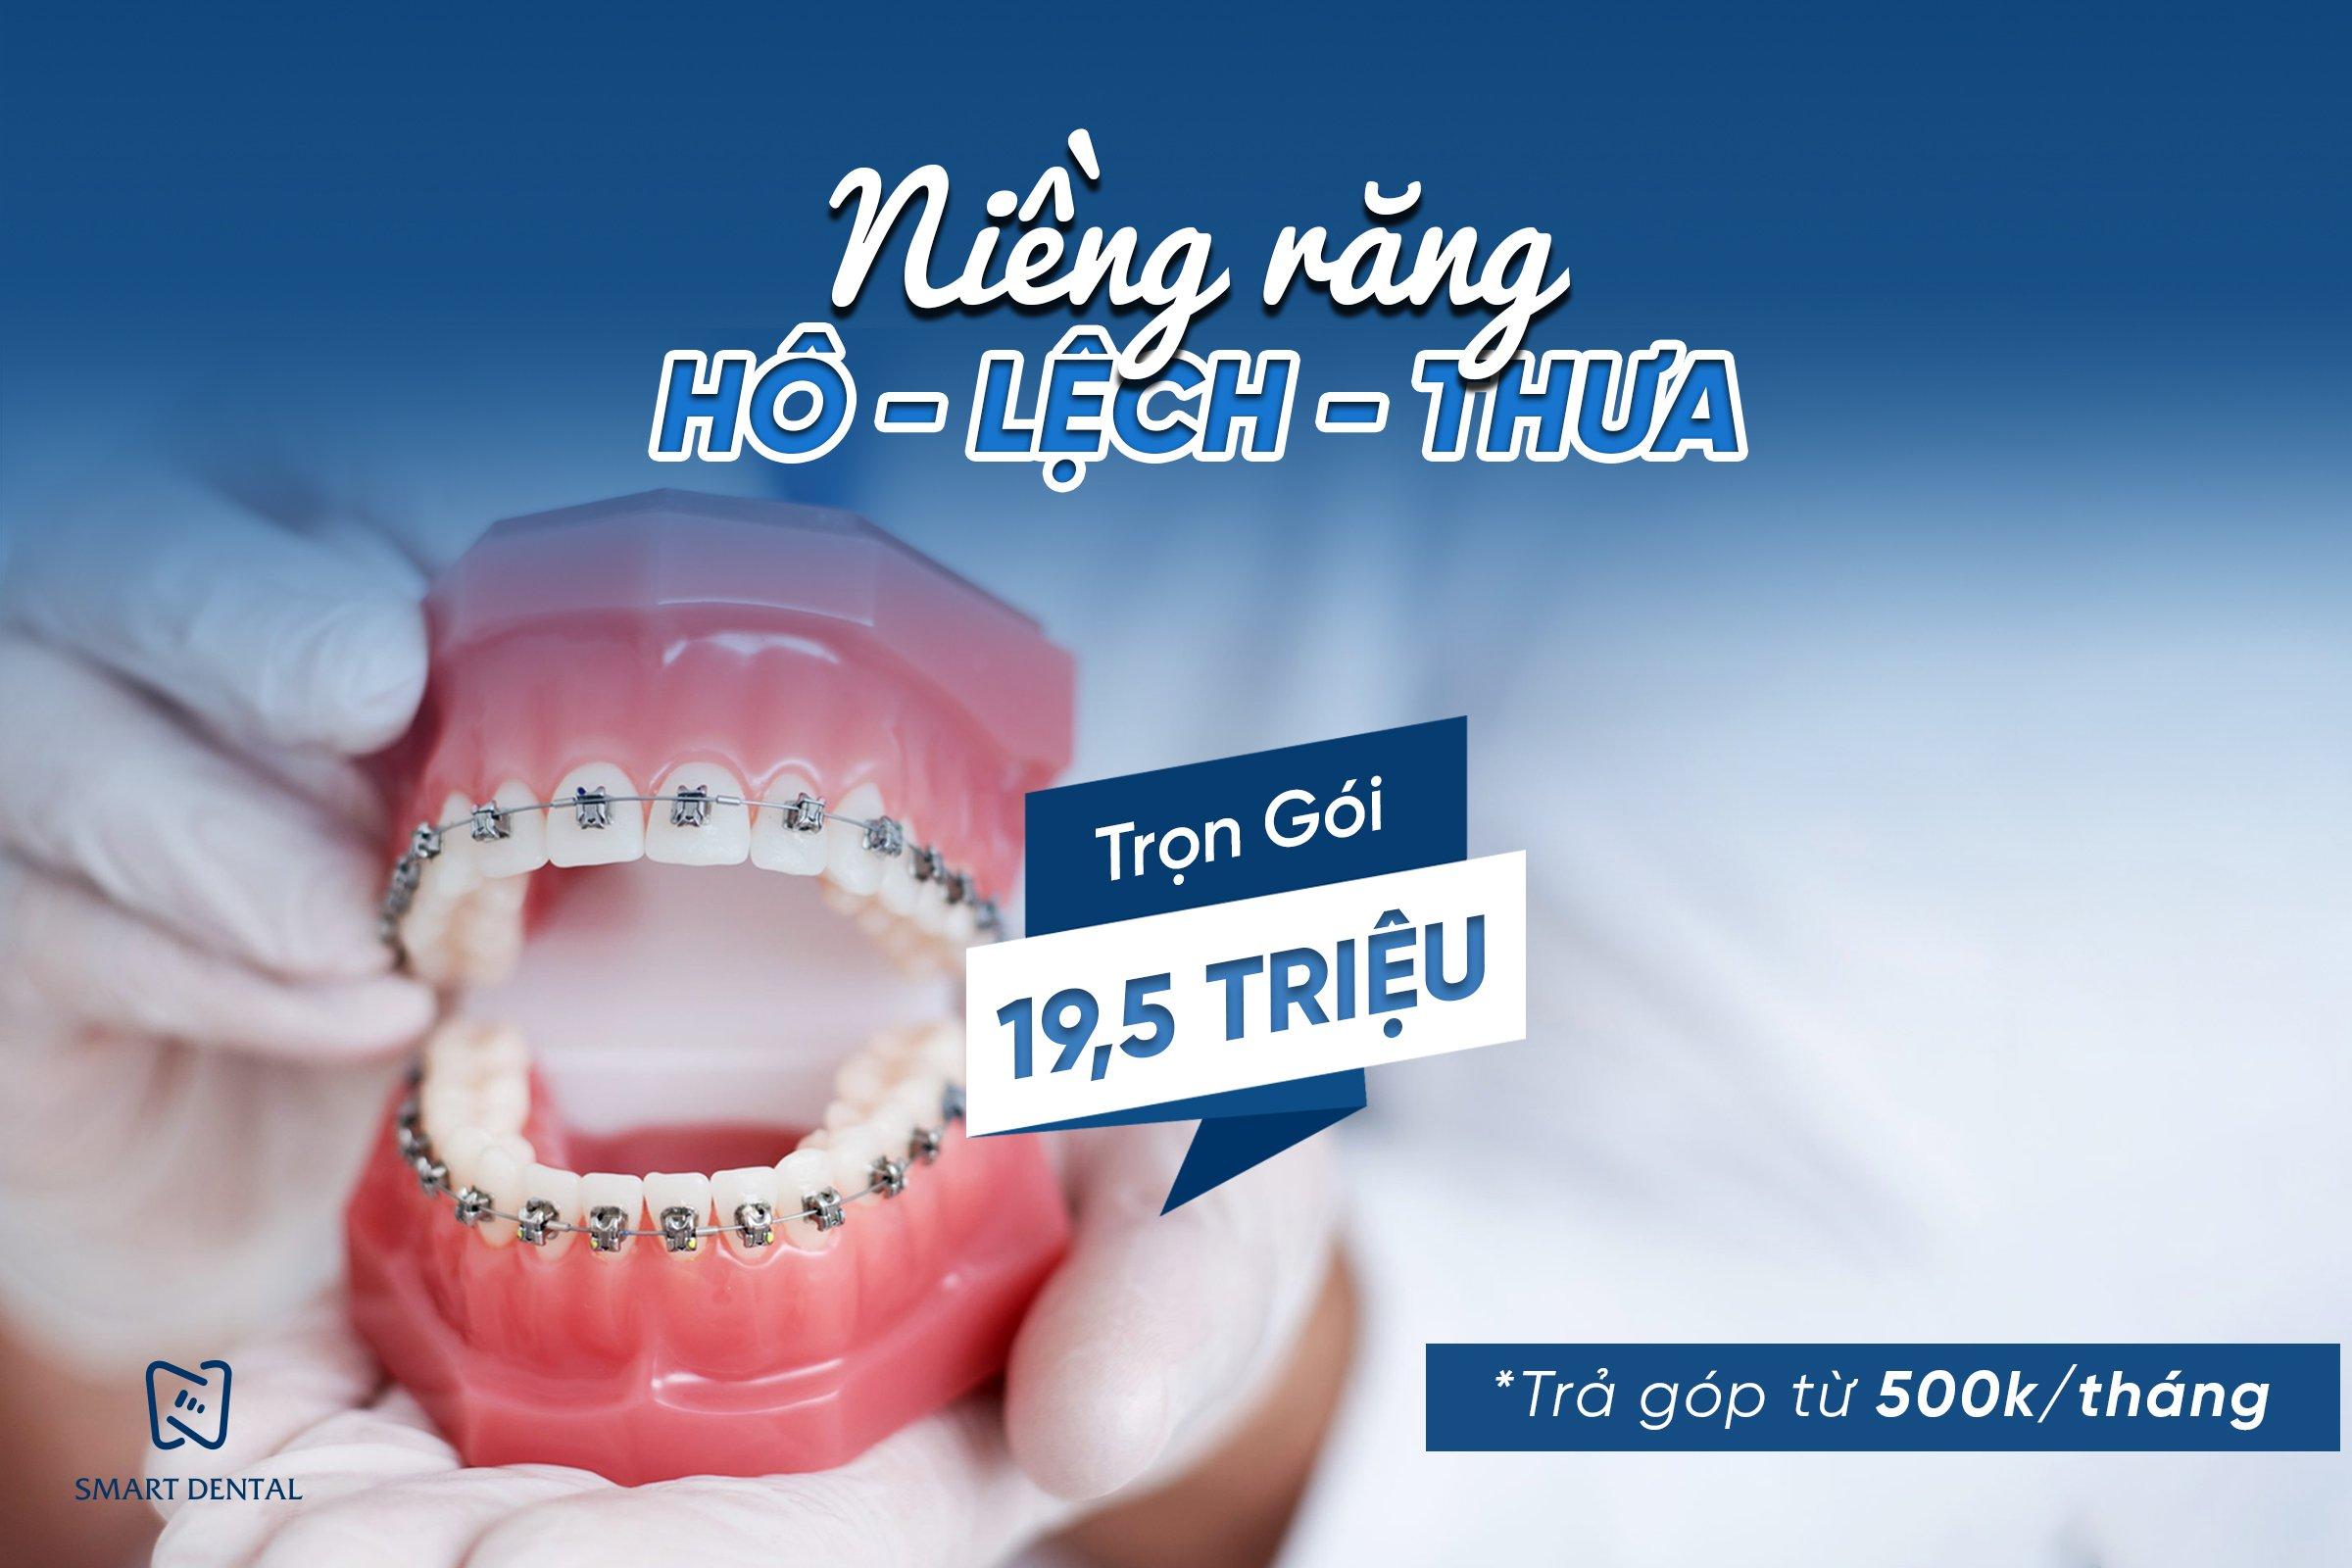 NIỀNG RĂNG HÔ - LỆCH -THƯA - MÓM - TRỌN GÓI 19,5 TRIỆU